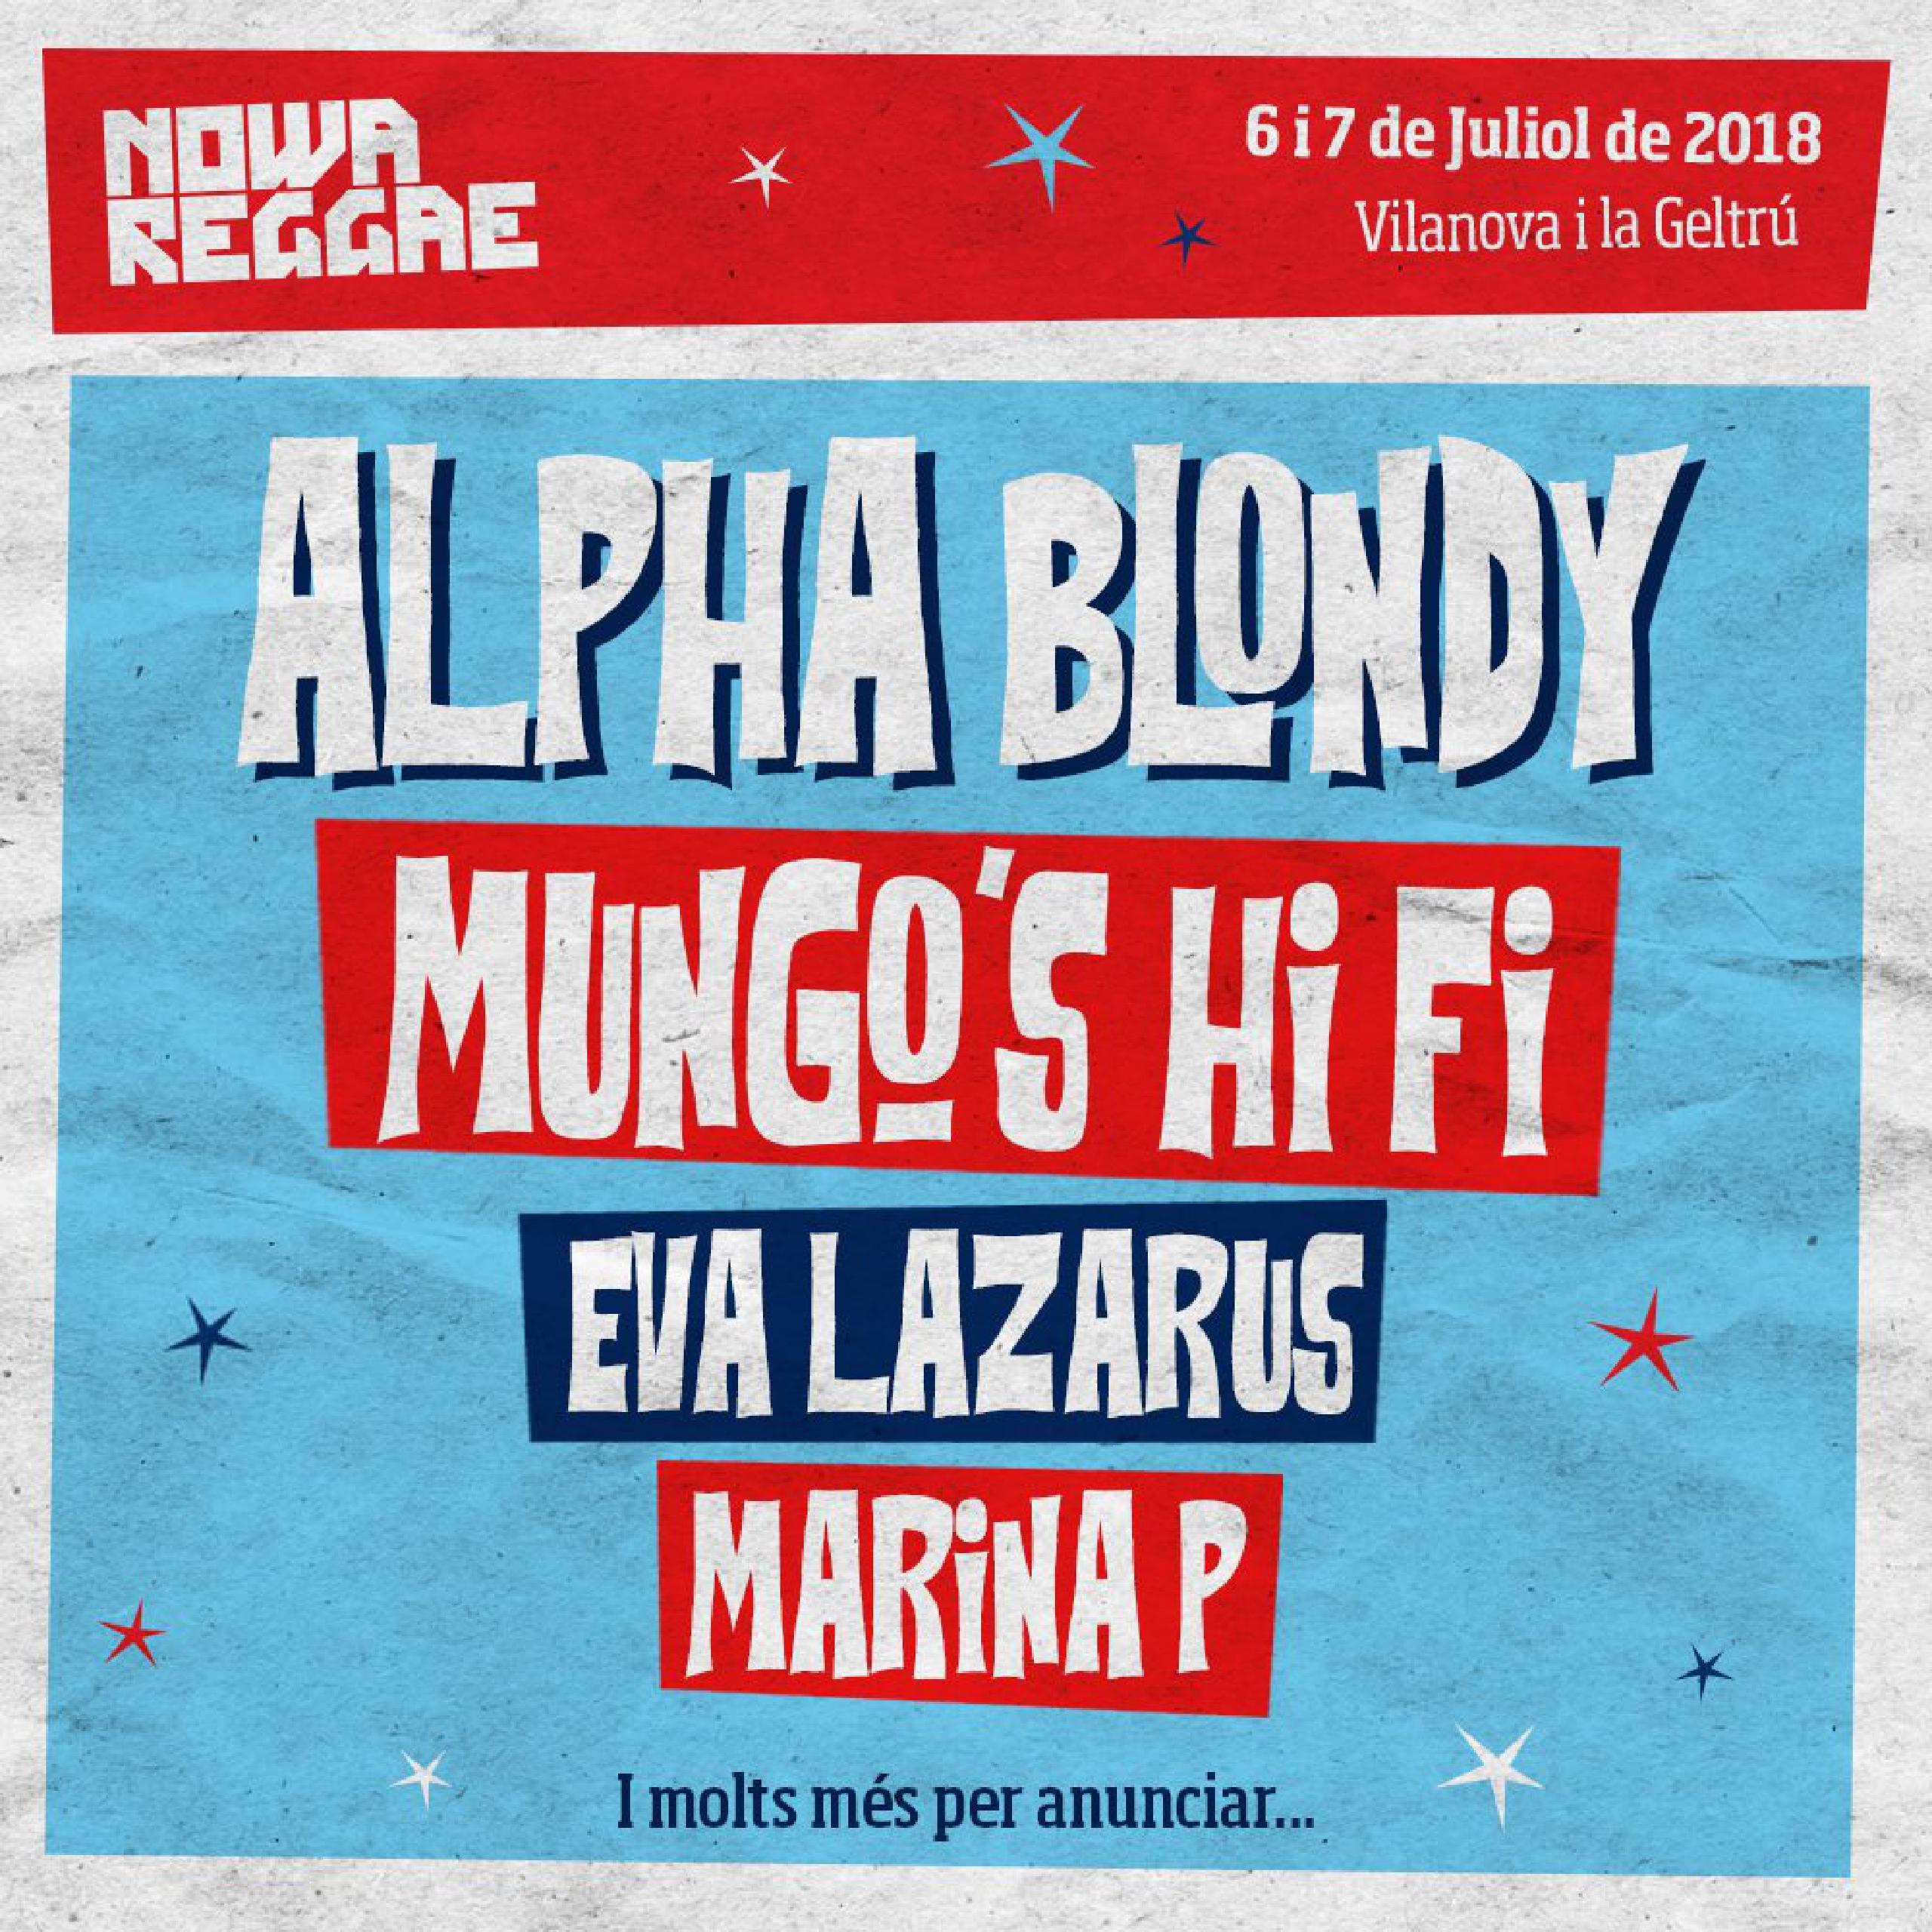 Primeras confirmaciones Nowa Reggae 2018